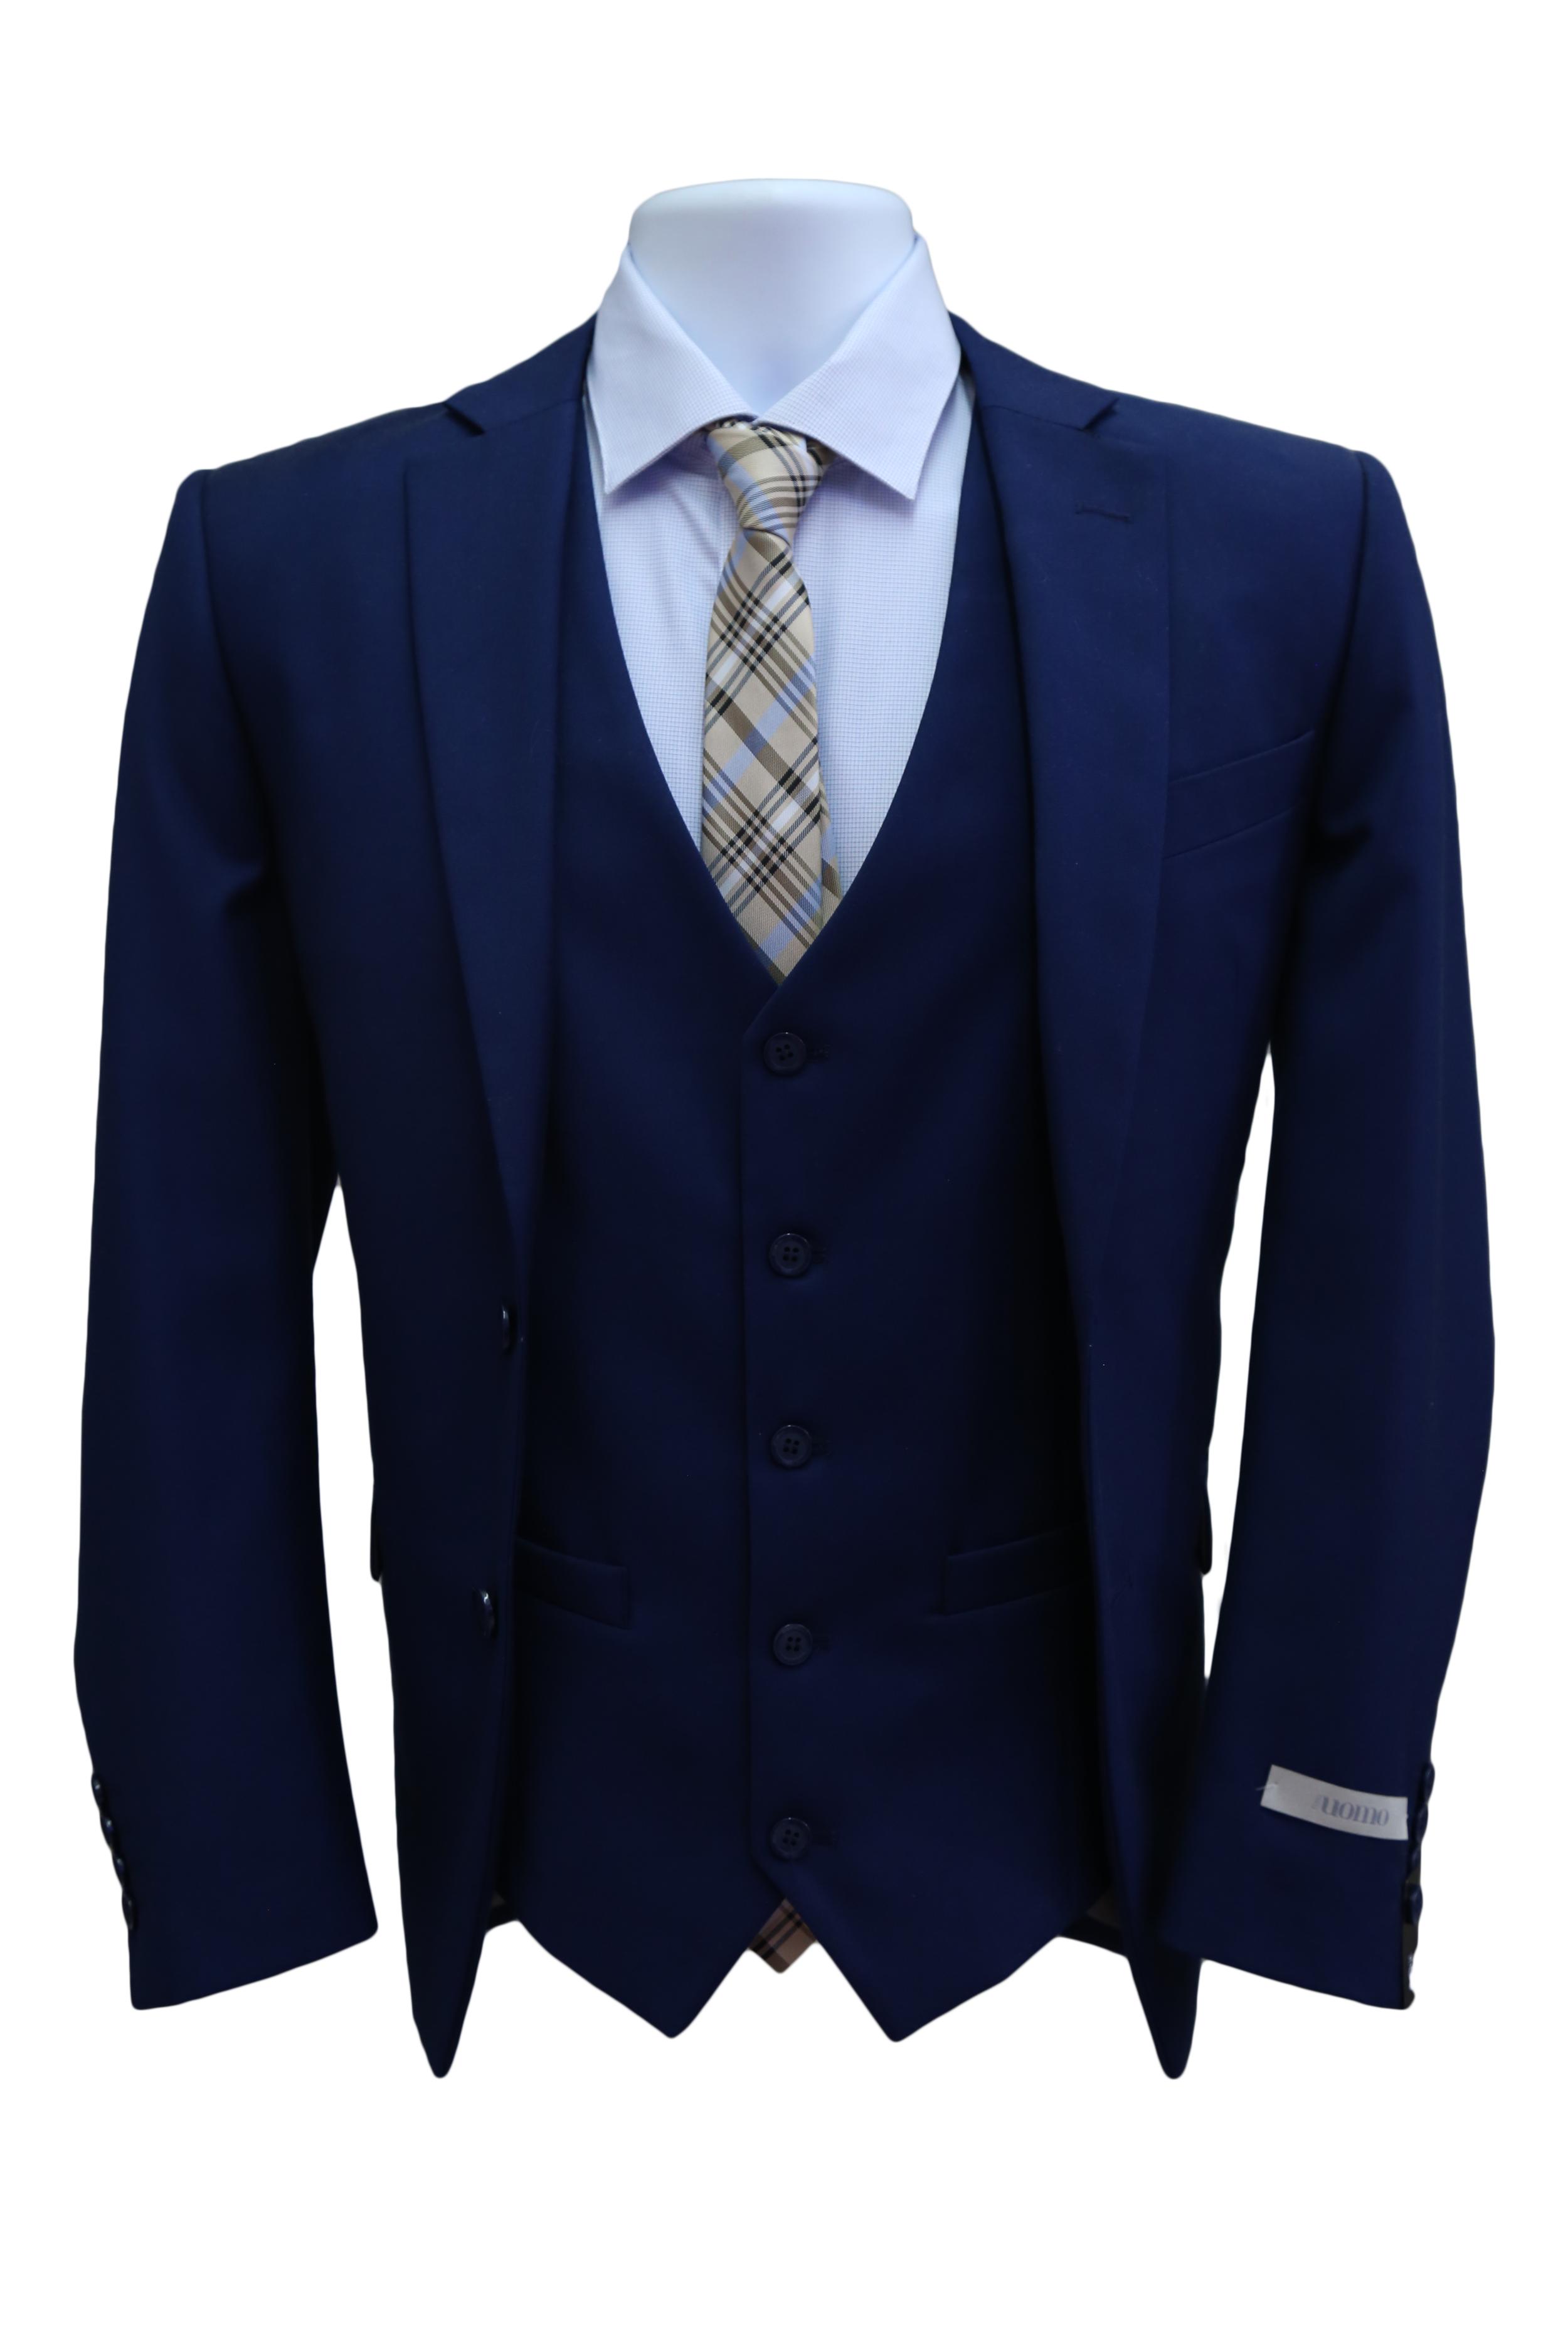 01 Blue Suit.png